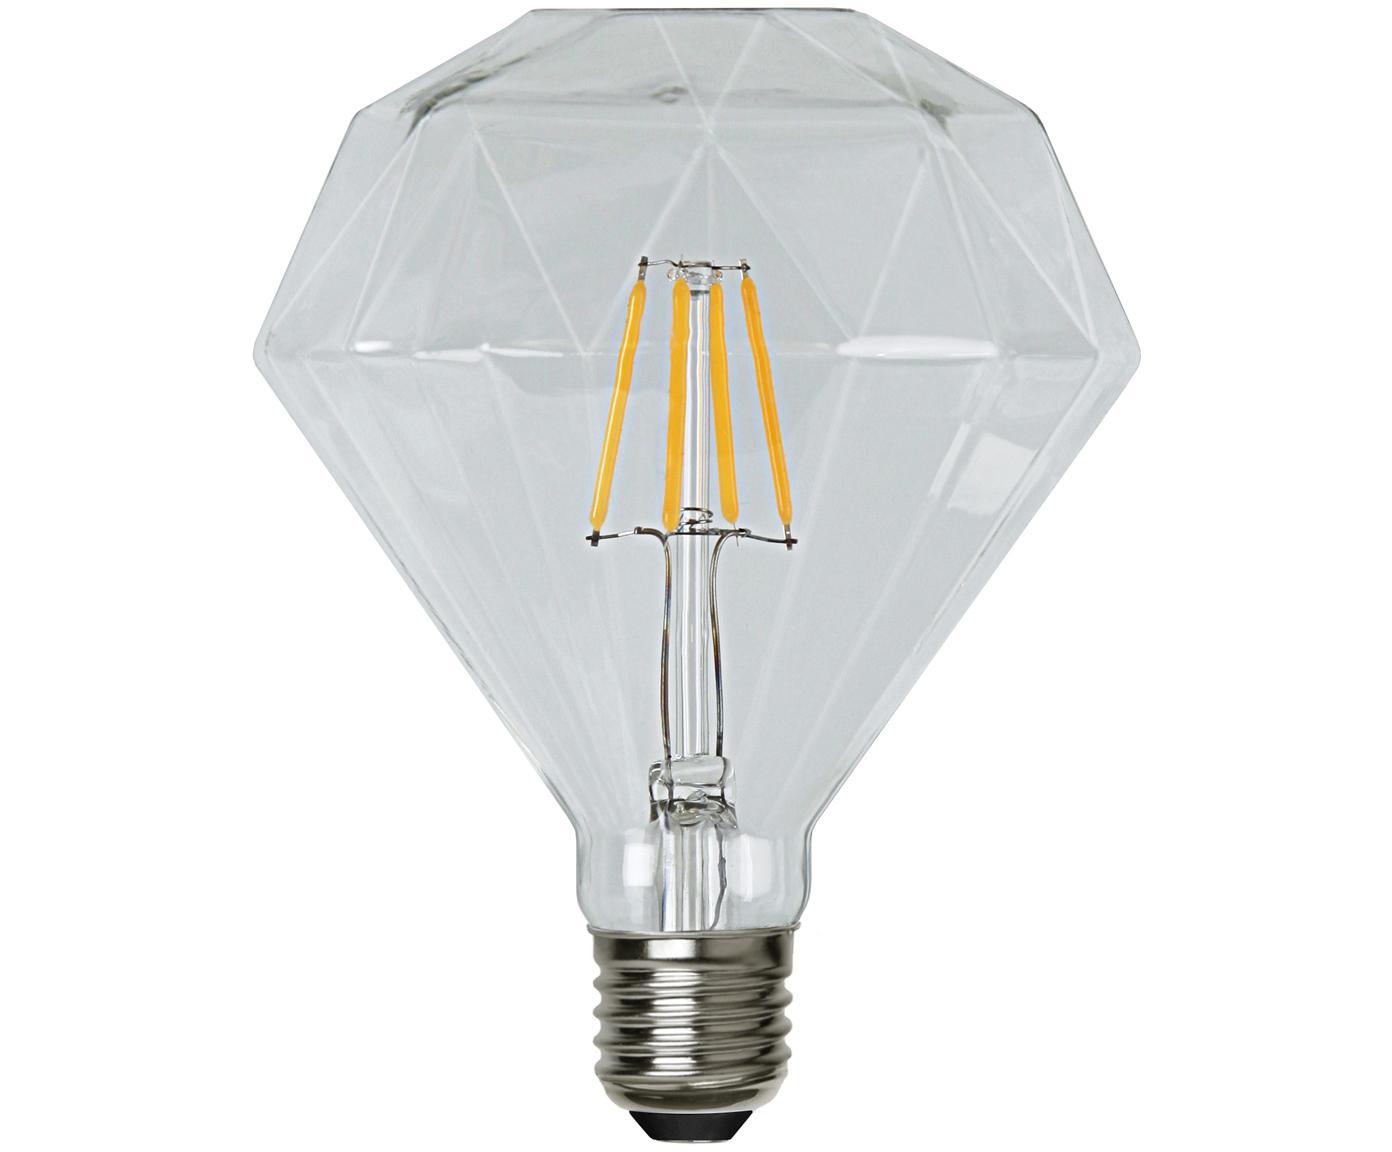 Żarówka LED Diamond (E27 / 3 W), Transparentny, Ø 12 x W 13 cm